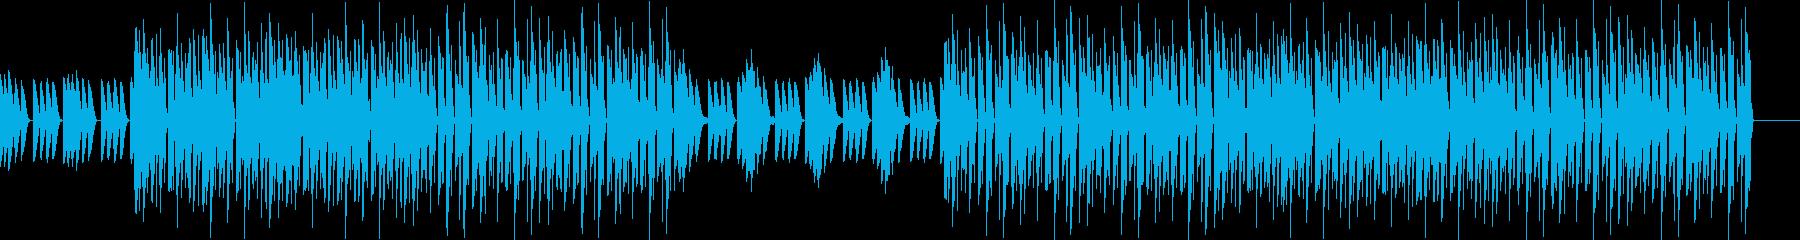 おしゃれ・低音重視・EDM・ベース16の再生済みの波形